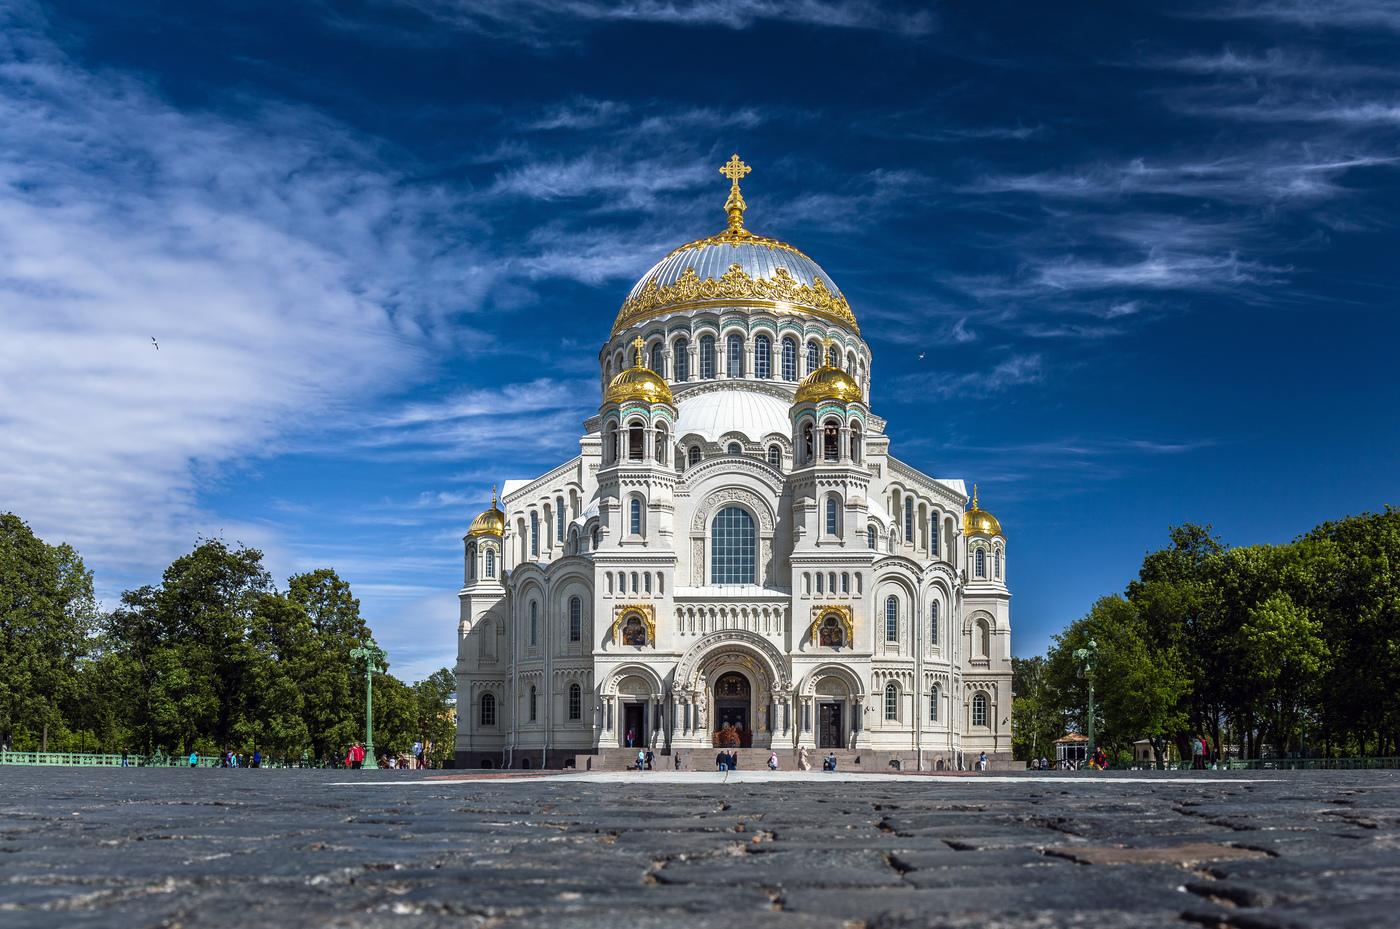 Кронштадтский морской собор — наследие дохристианского прошлого